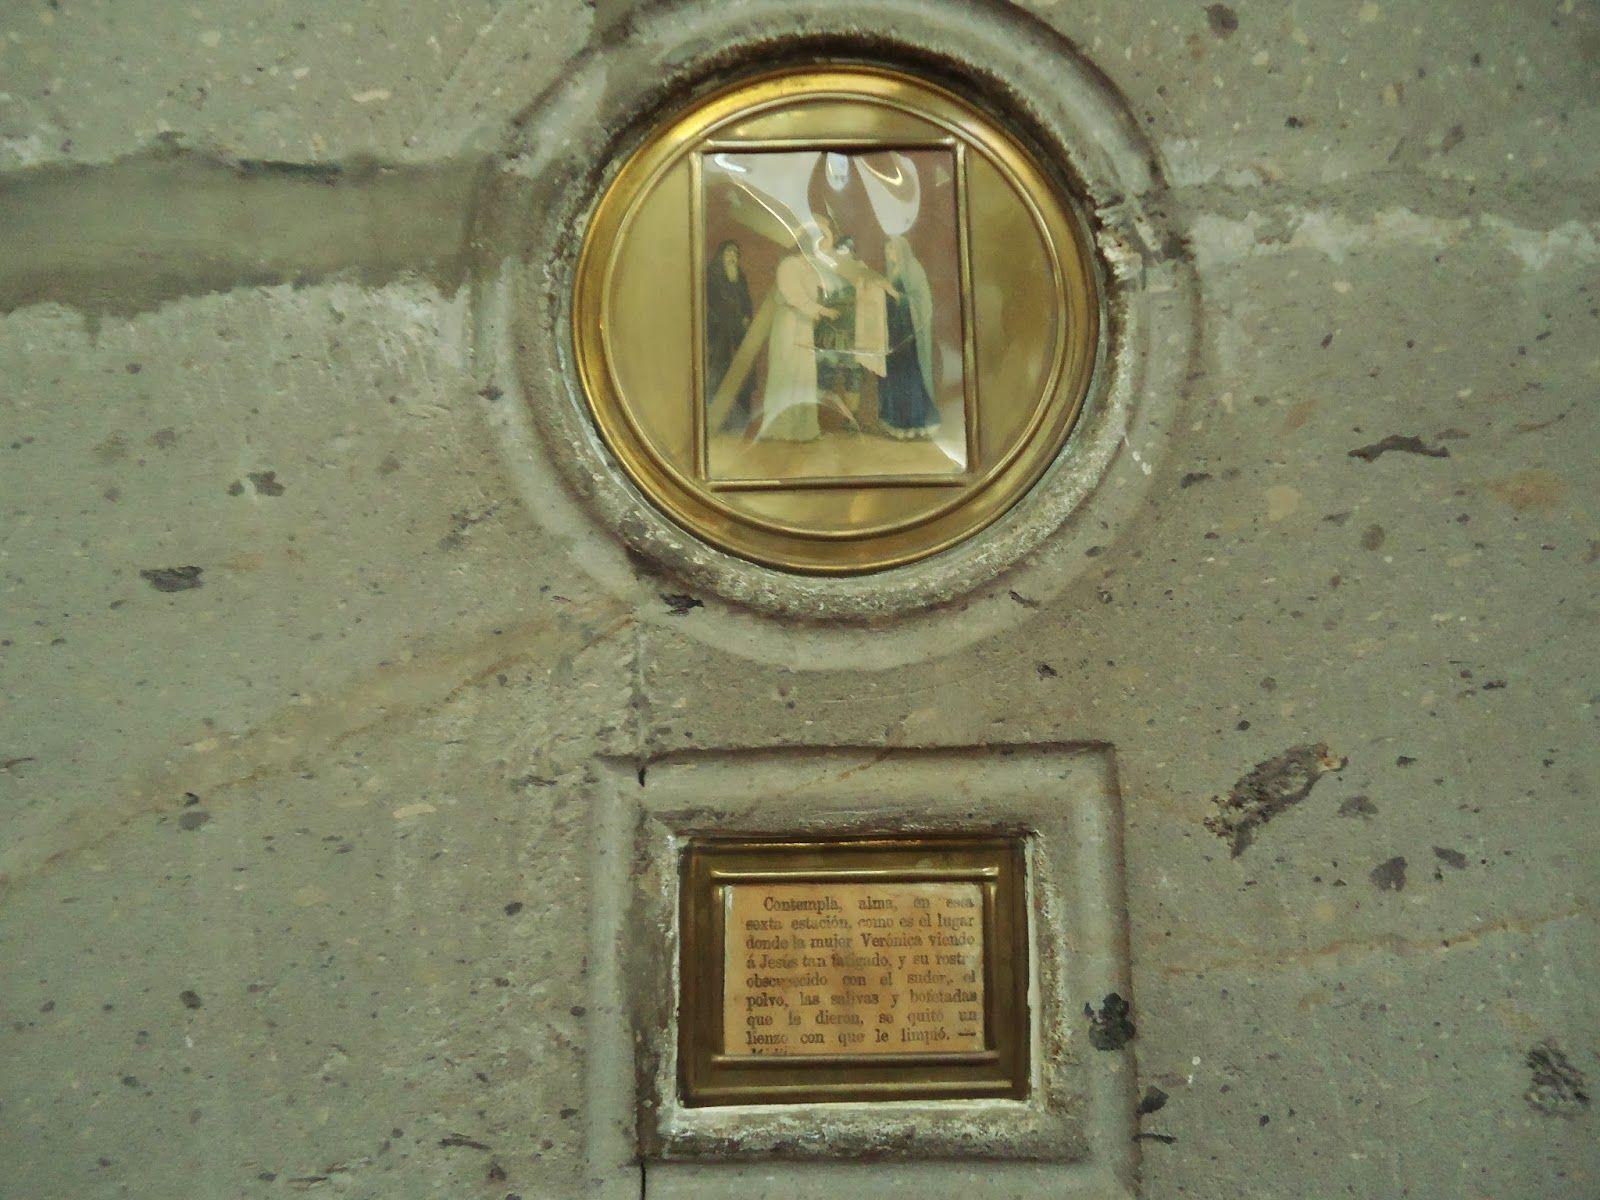 sancarlosfortin: en la sexta estacion del viacrucis de jesus en nue...